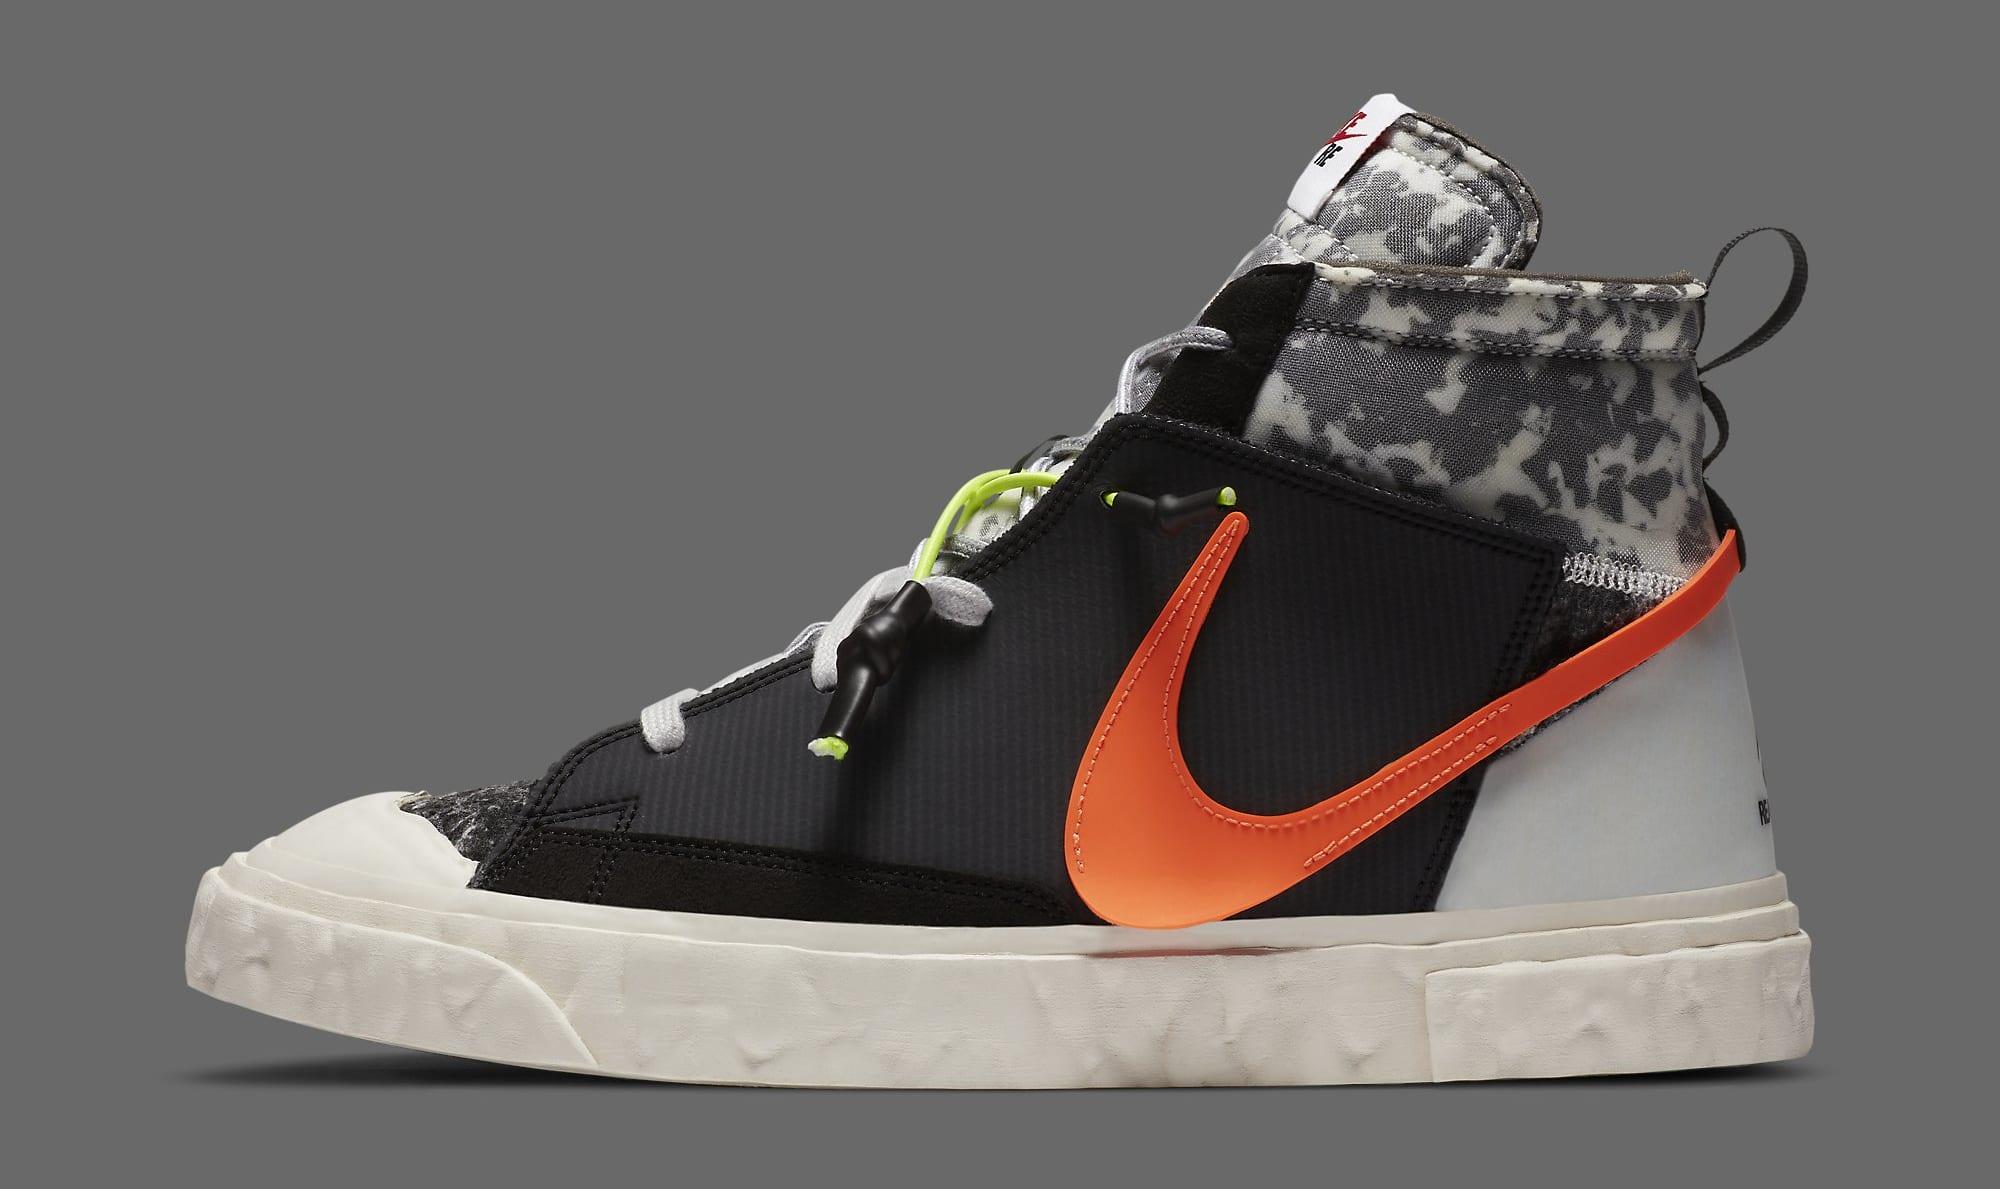 Readymade x Nike Blazer Mid CZ3589-001 Lateral